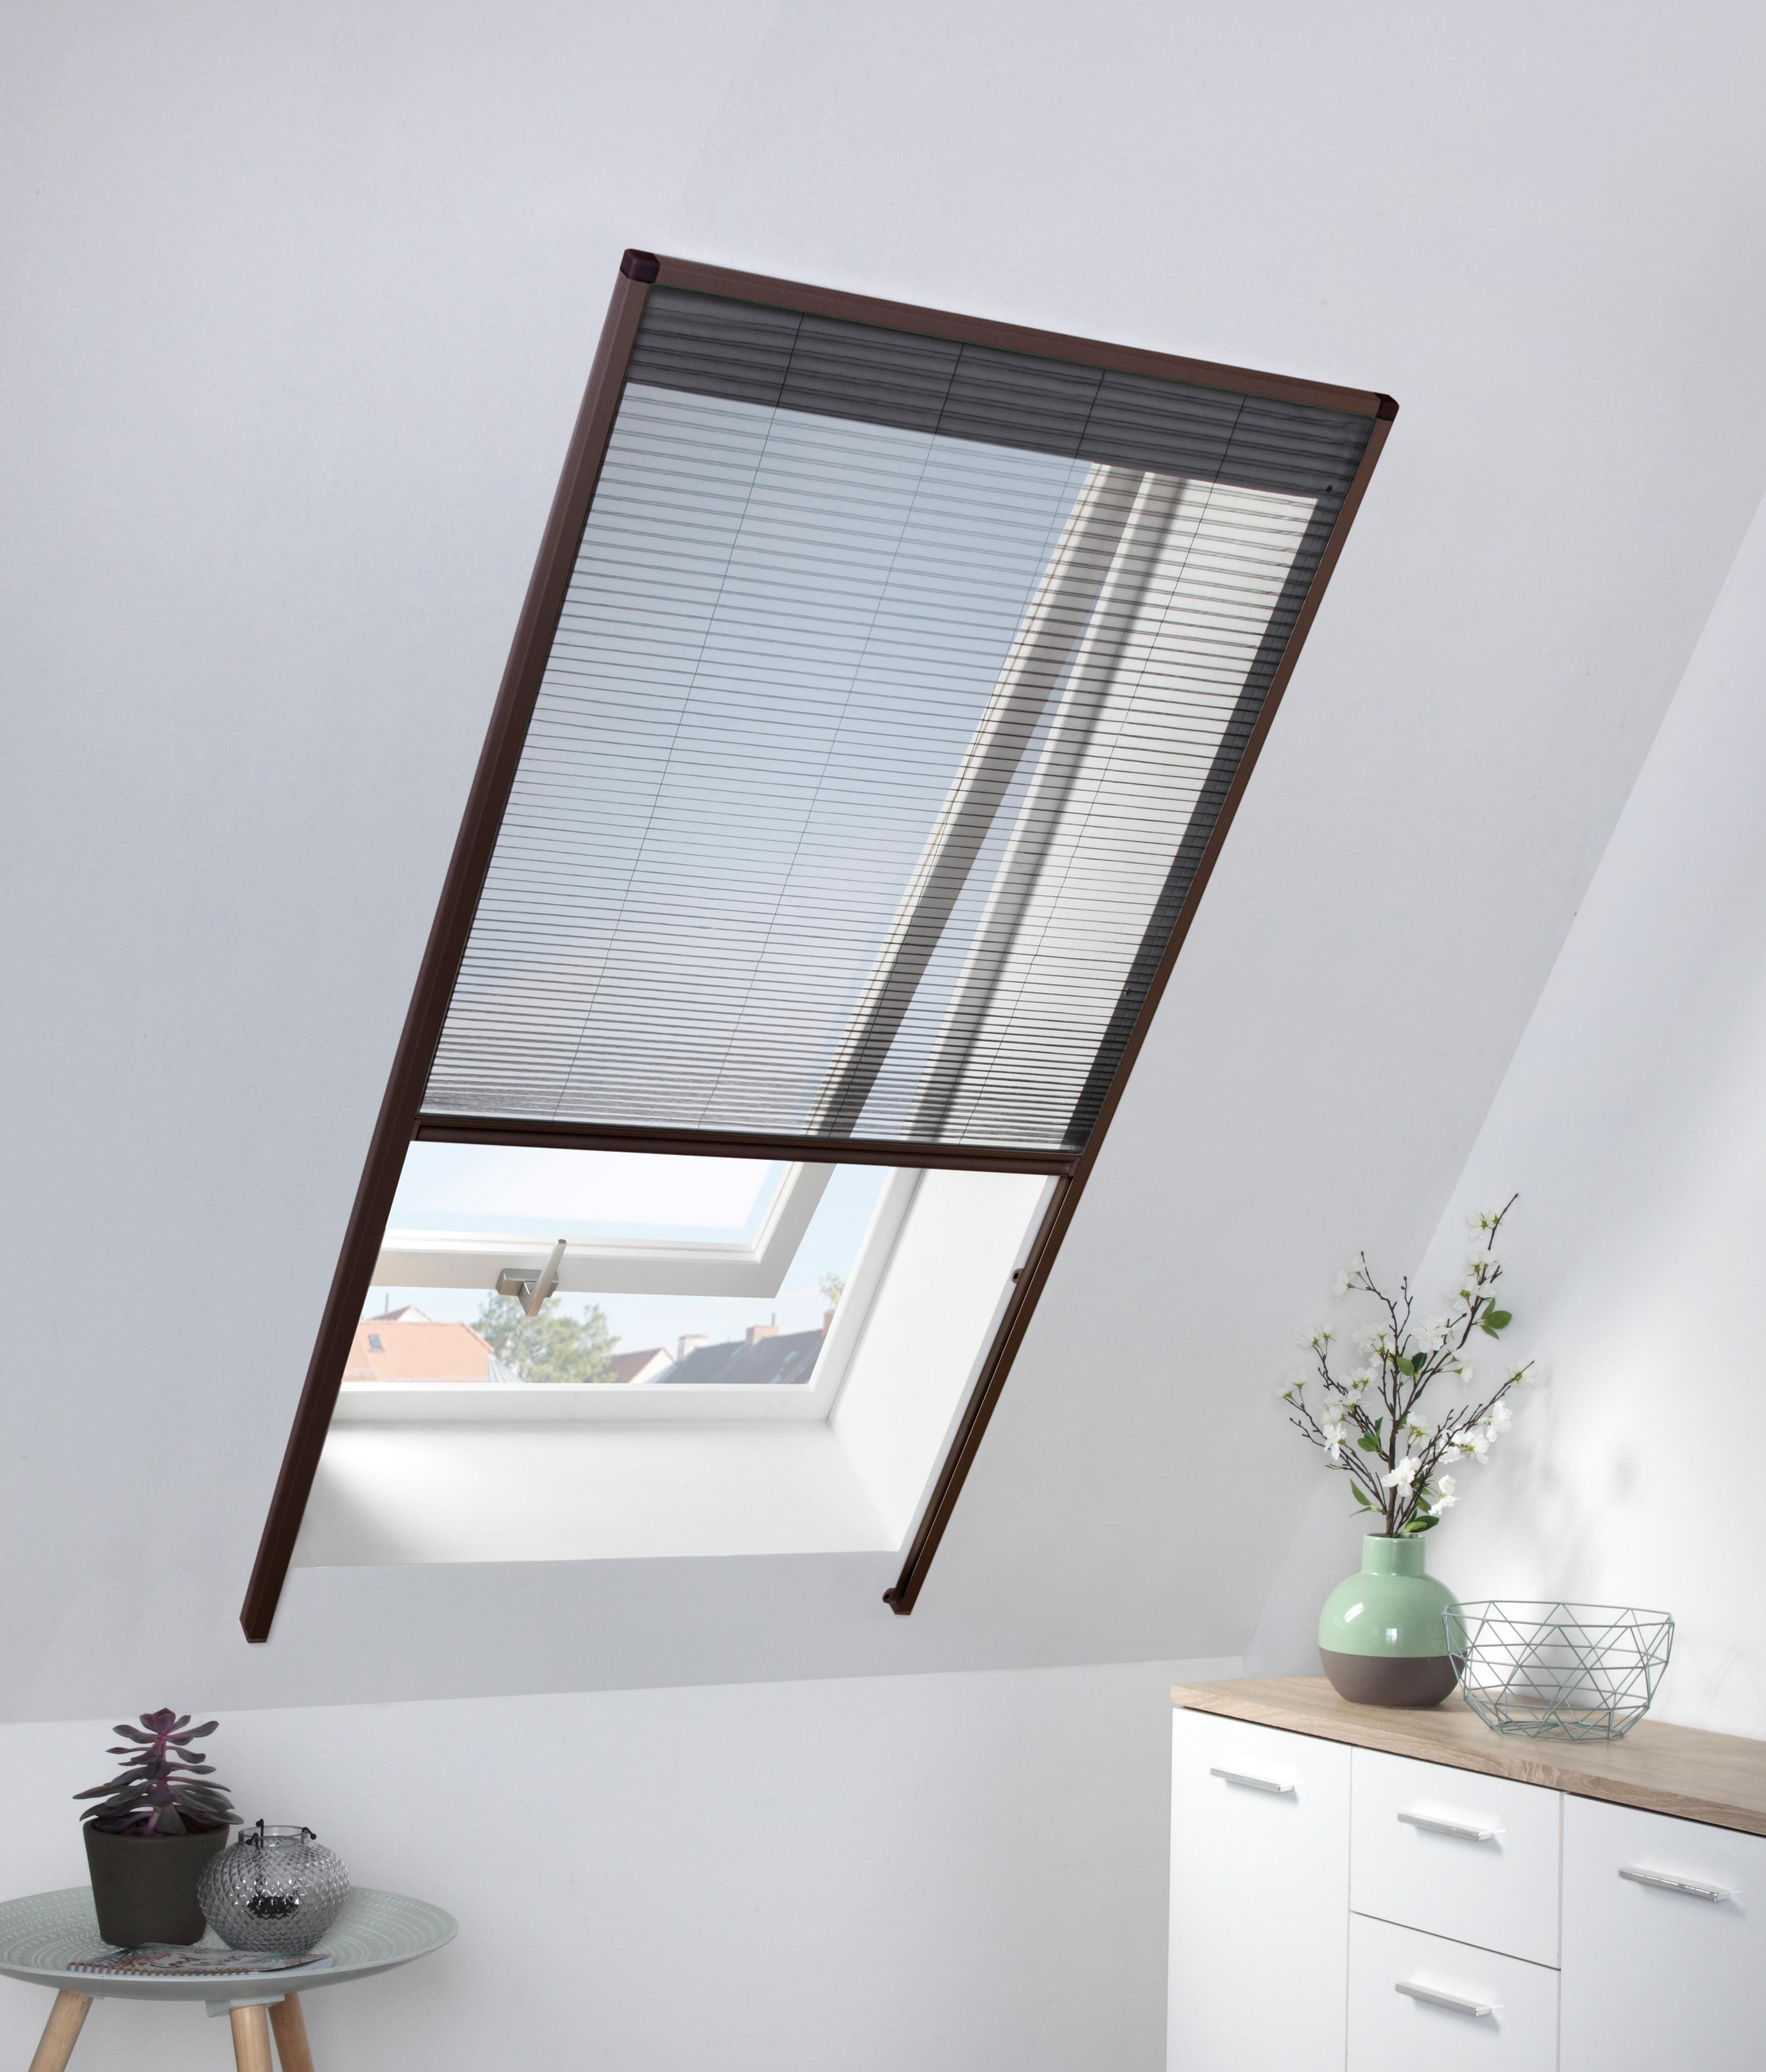 hecht international Insektenschutz-Dachfenster-Rollo, braun/anthrazit, BxH: 80x160 cm braun Insektenschutzfenster Insektenschutz Bauen Renovieren Insektenschutz-Dachfenster-Rollo